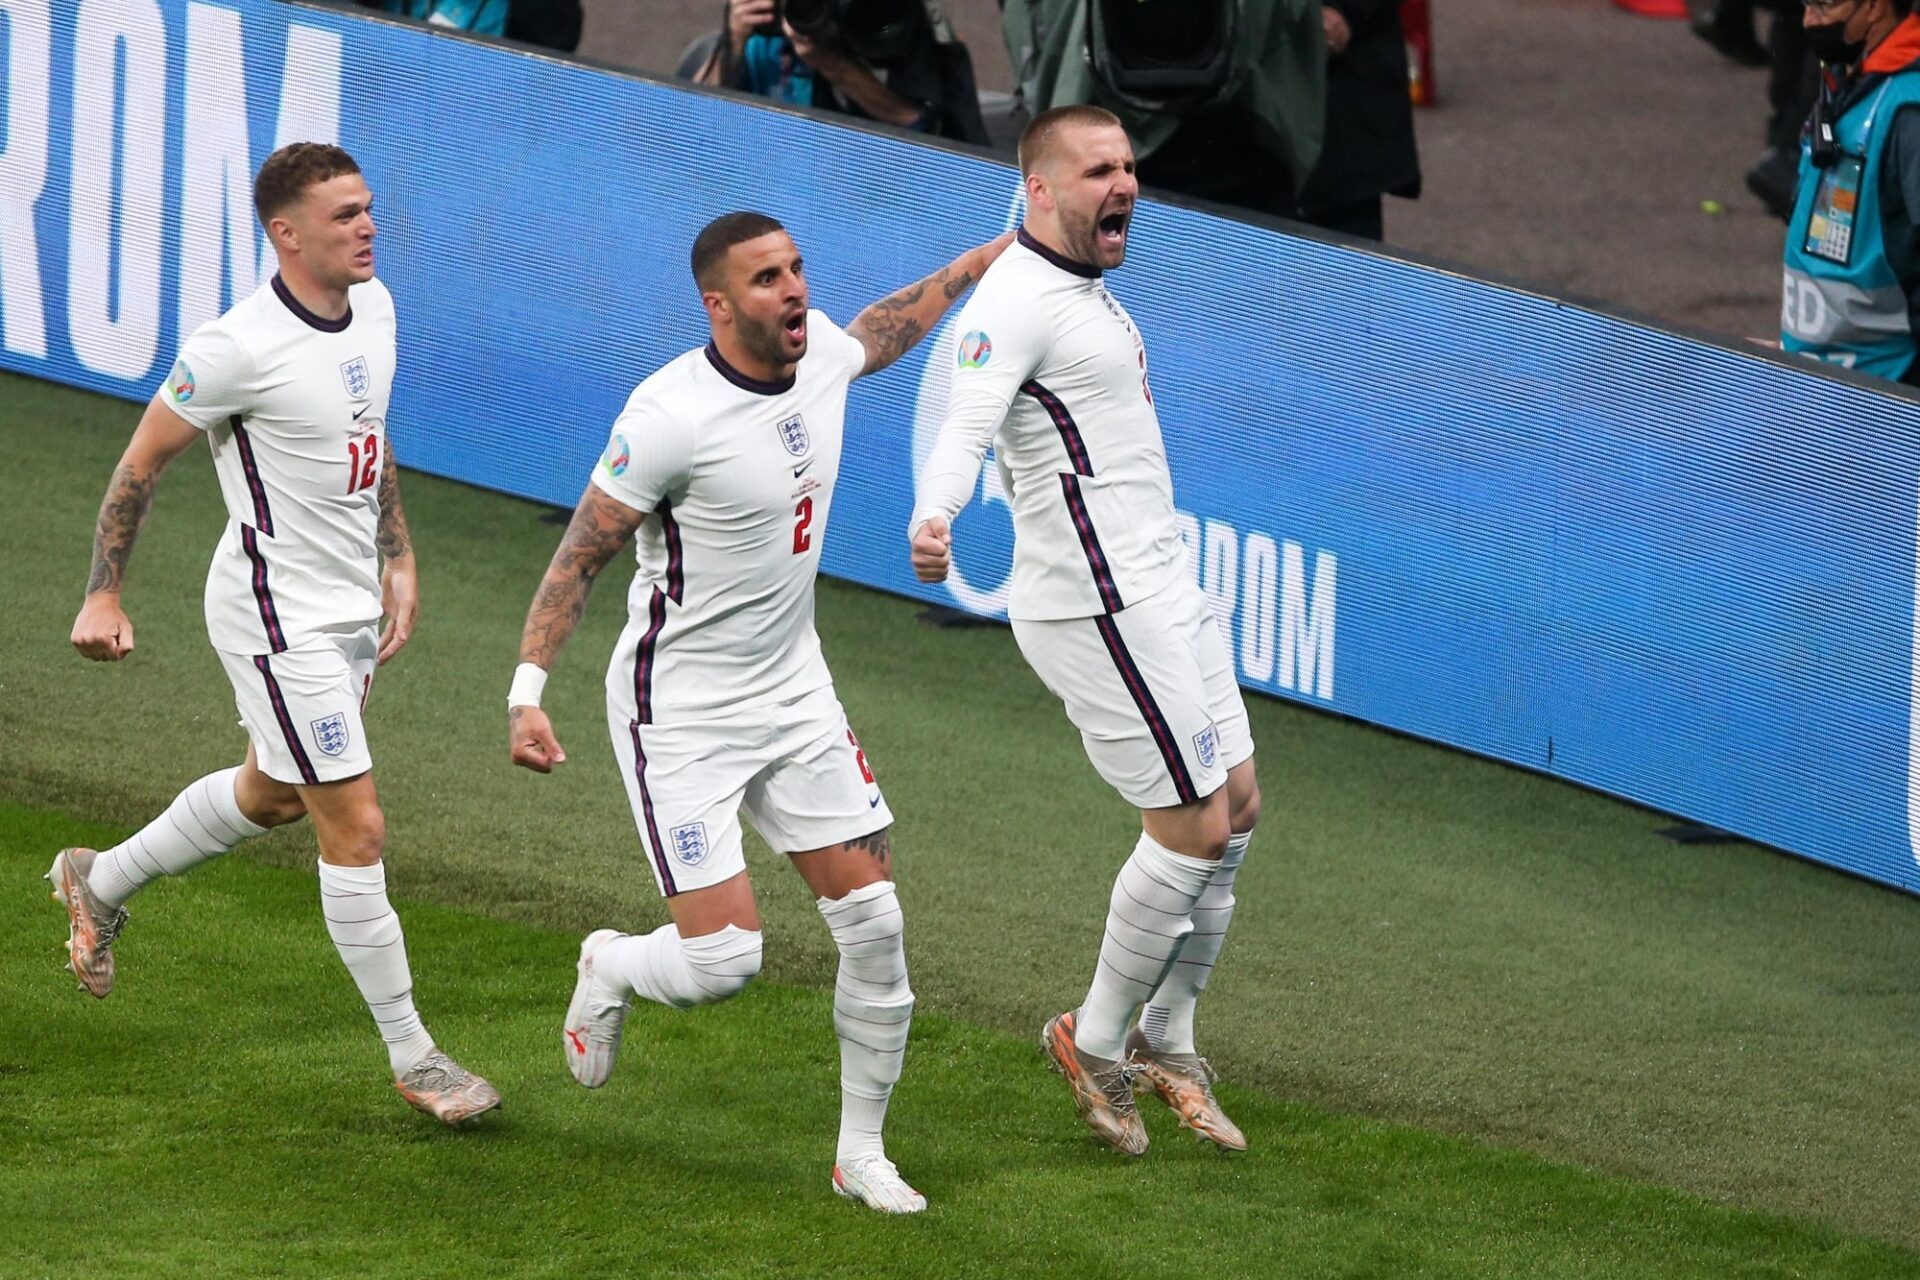 Kierran Trippier (à gauche) et Luke Shaw (à droite) étaient les pistons de l'équipe d'Angleterre lors de la finale de l'Euro 2020 contre l'Italie. Le second avait d'ailleurs marqué le premier but de la finale @iconsport